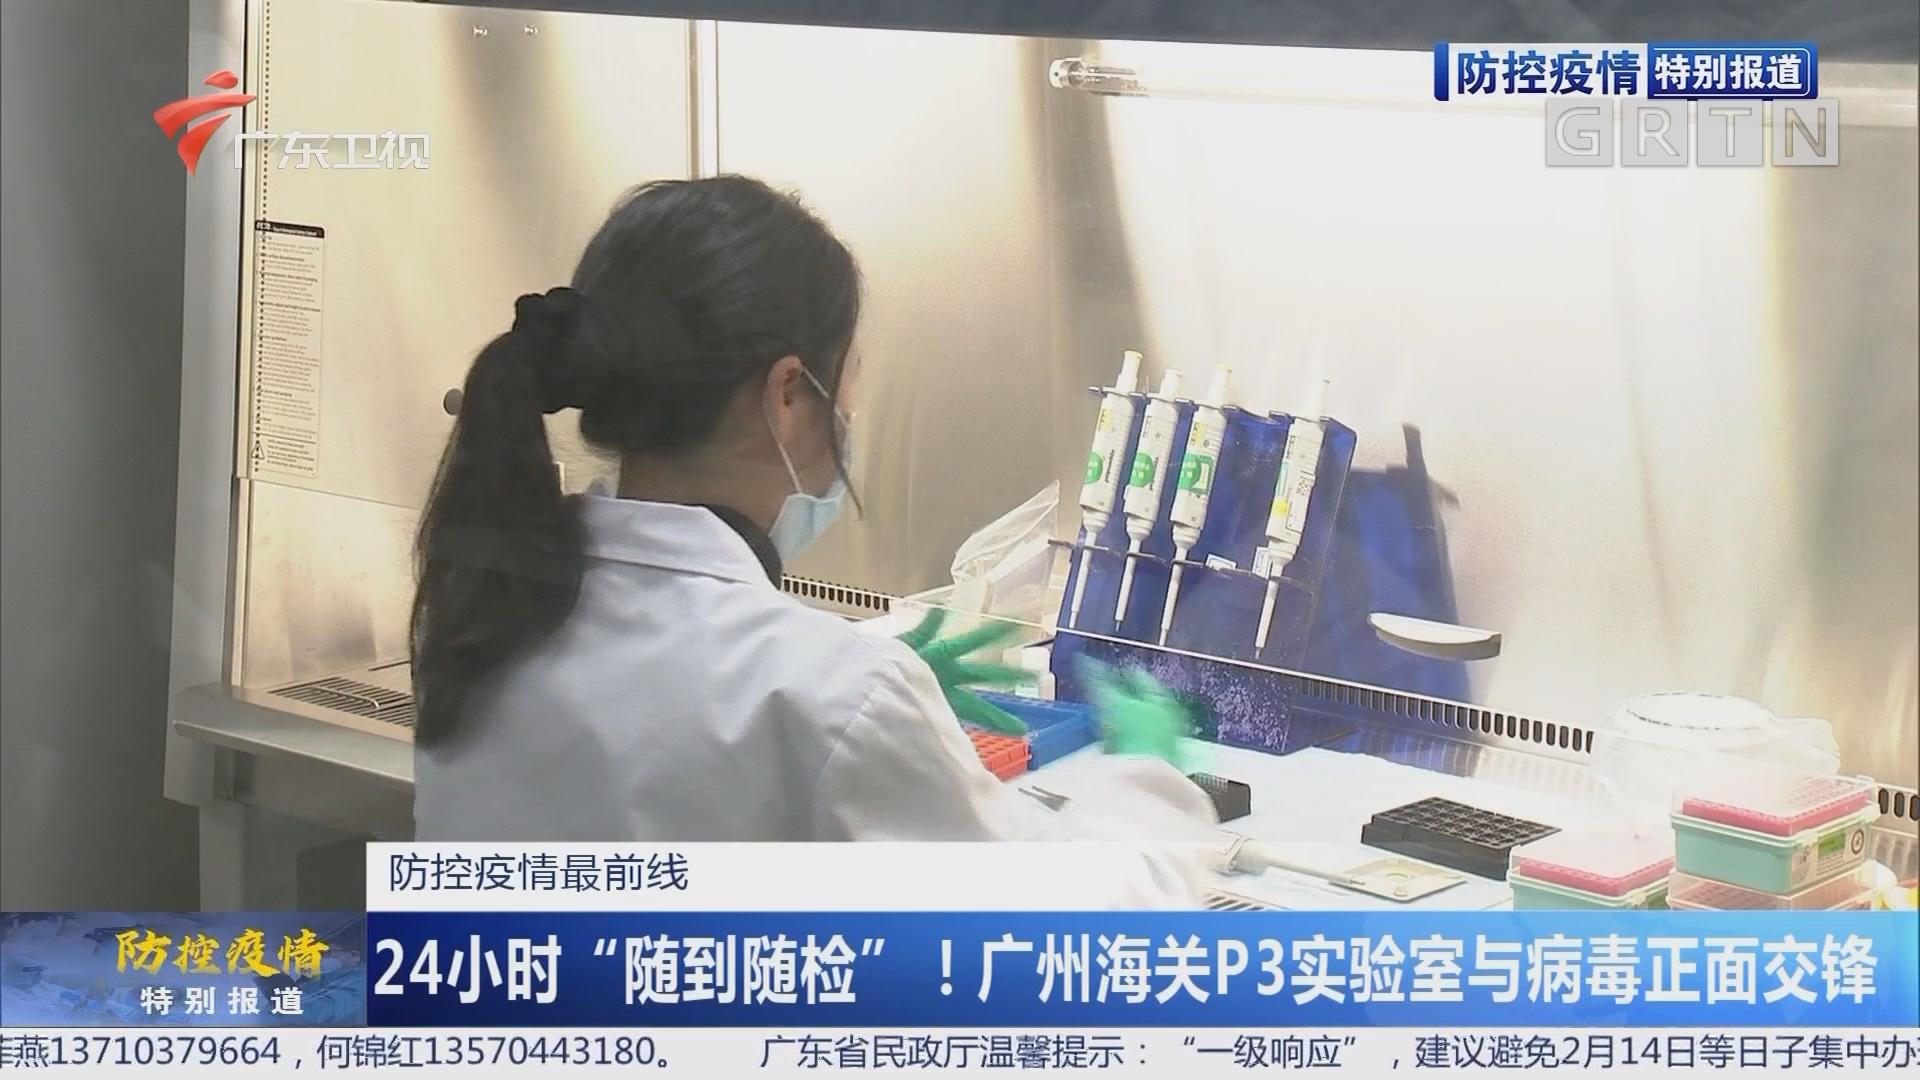 """24小时""""随到随检""""!广州海关P3实验室与病毒正面交锋"""